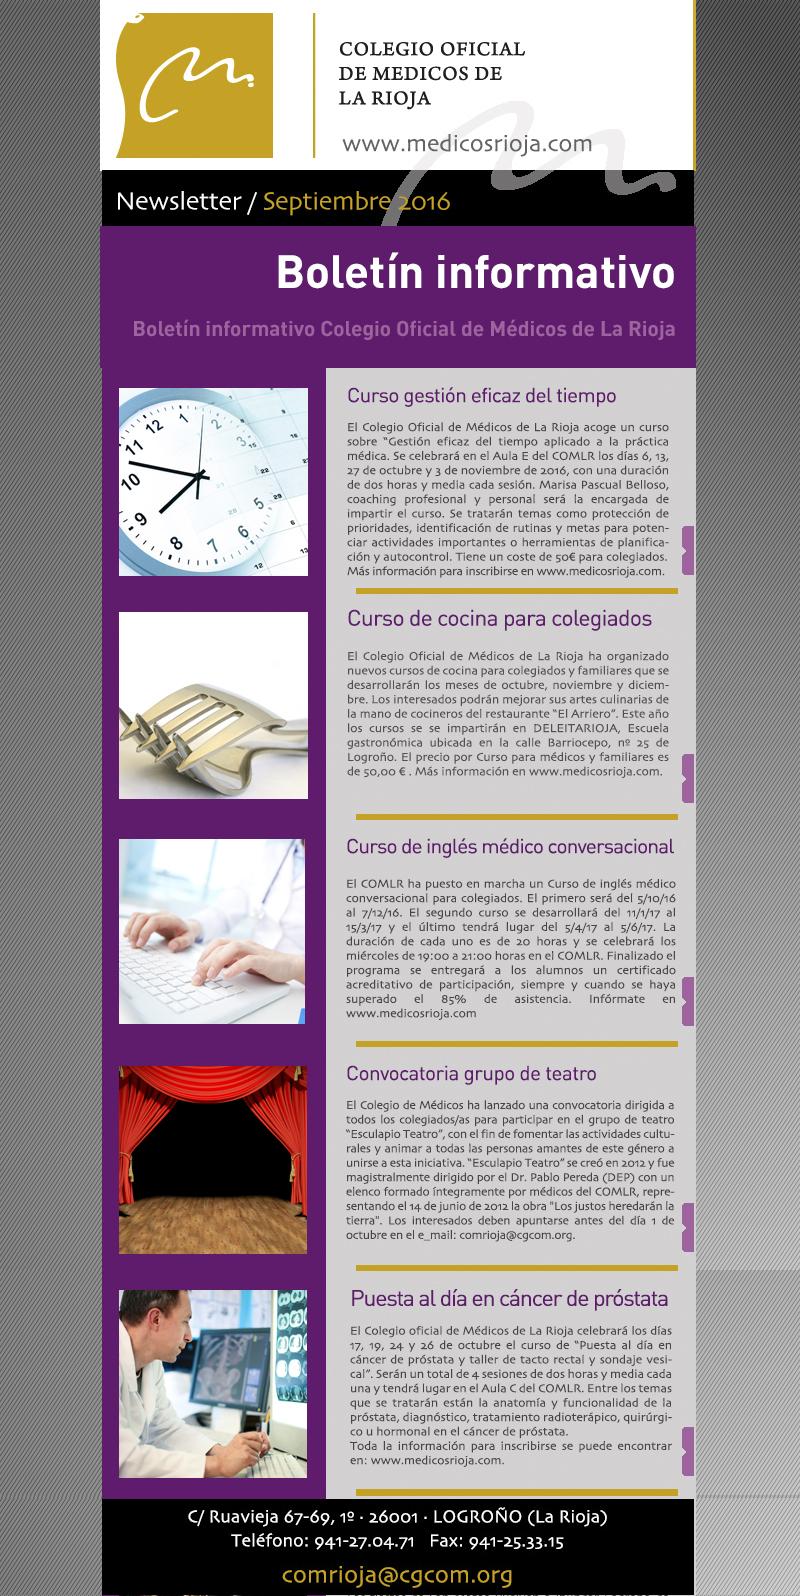 Newsletter de septiembre del Colegio Oficial de Médicos de La Rioja